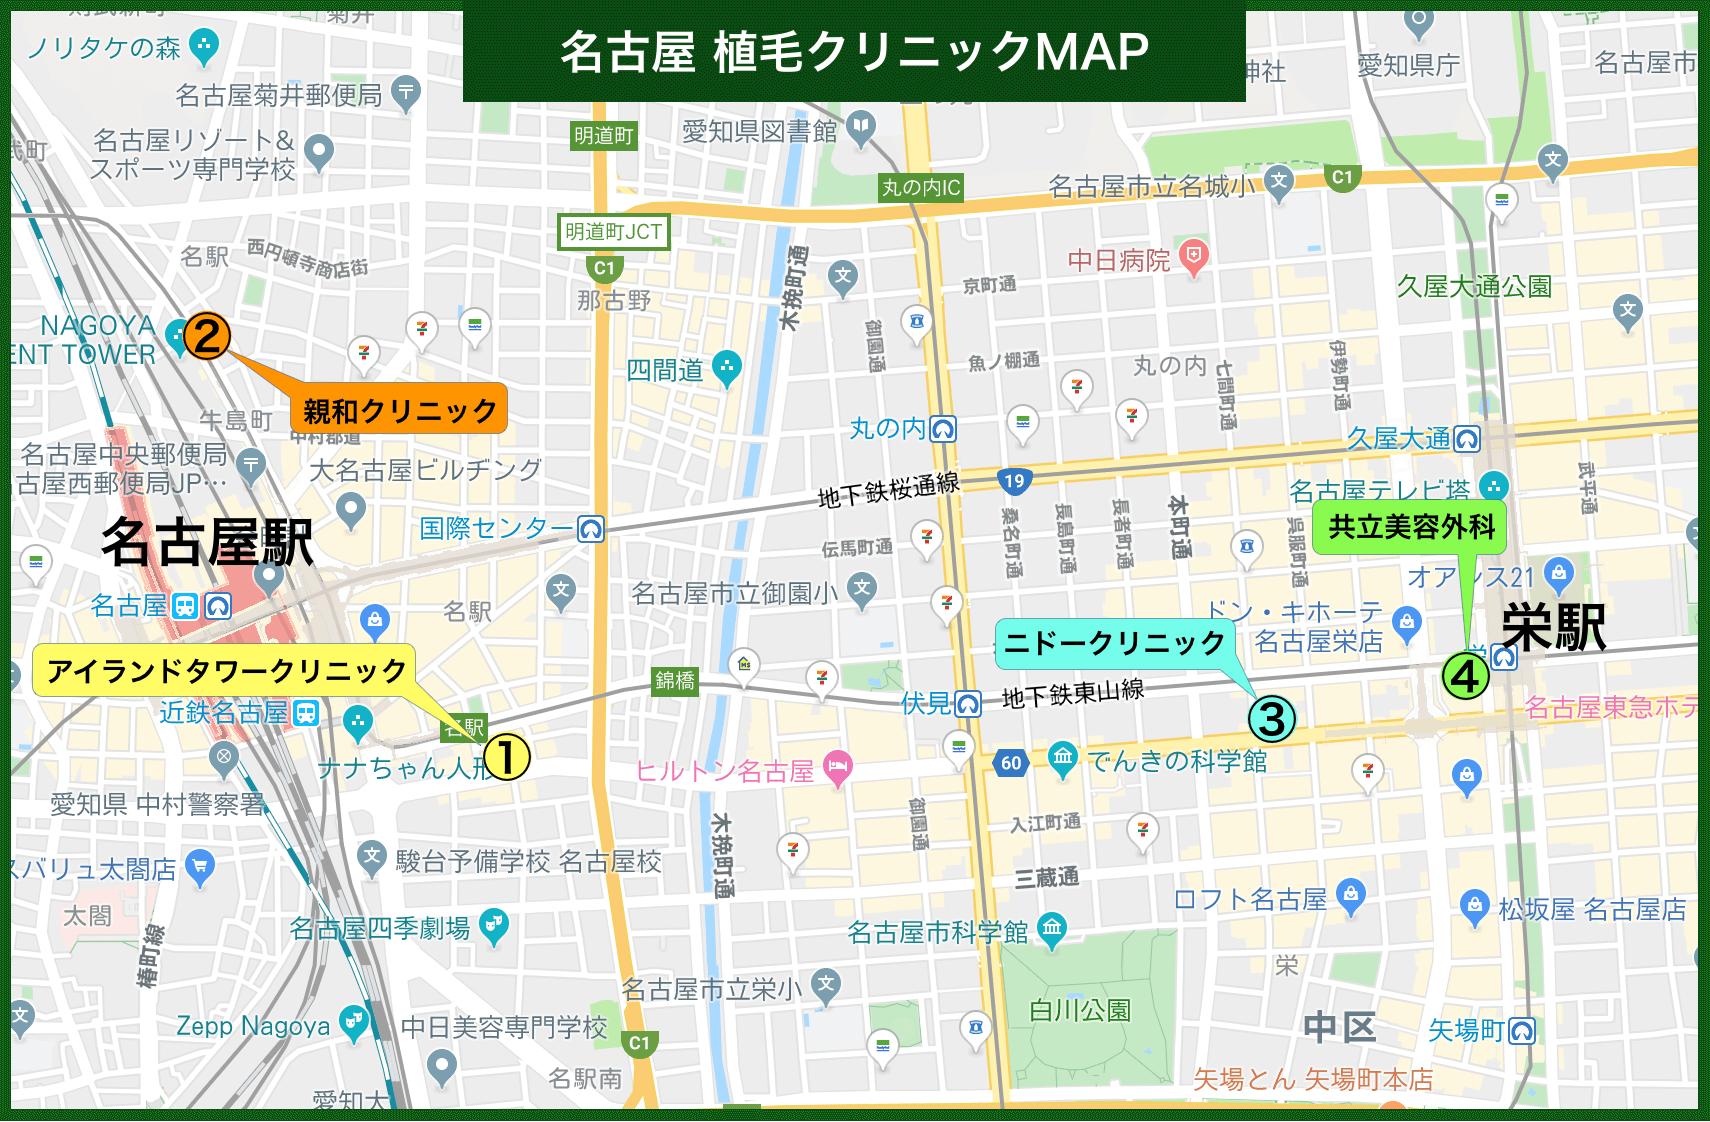 名古屋 植毛クリニックMAP